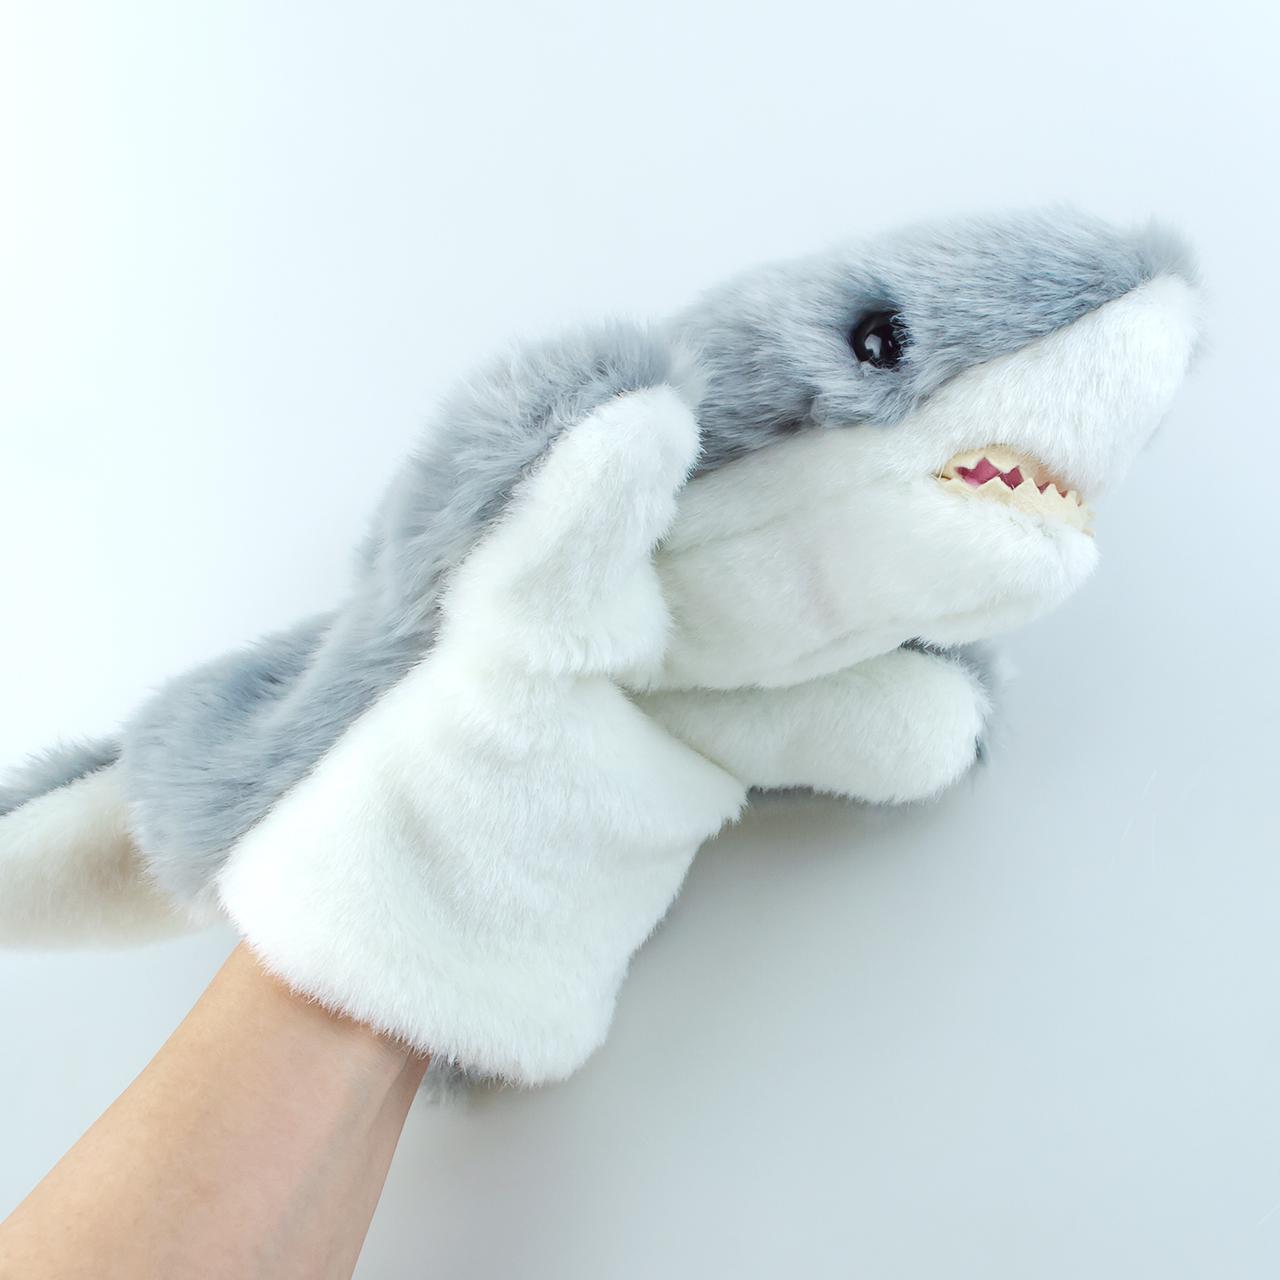 ぬいぐるみみたいでかわいい♪『ハンドパペット サメ』